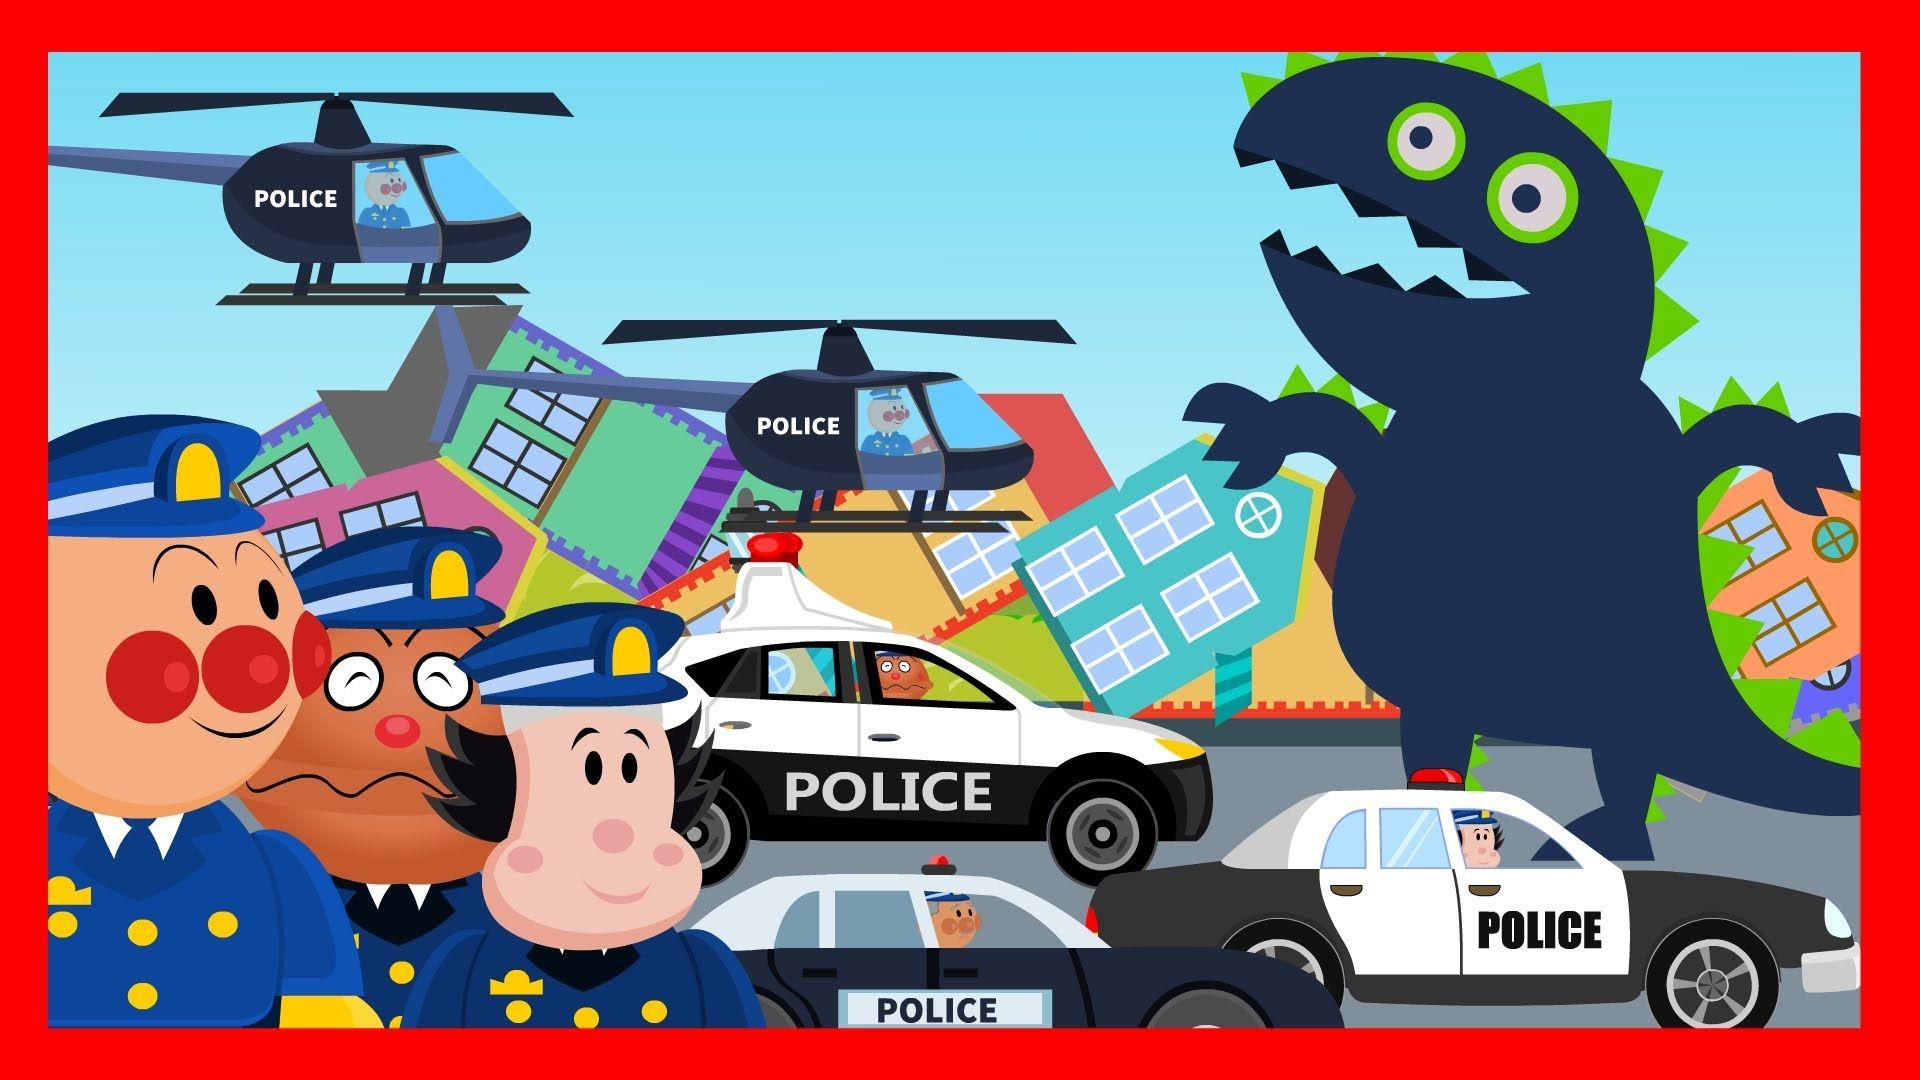 Anpanman Toys Anime Episode 30 Anpanman Police Battle